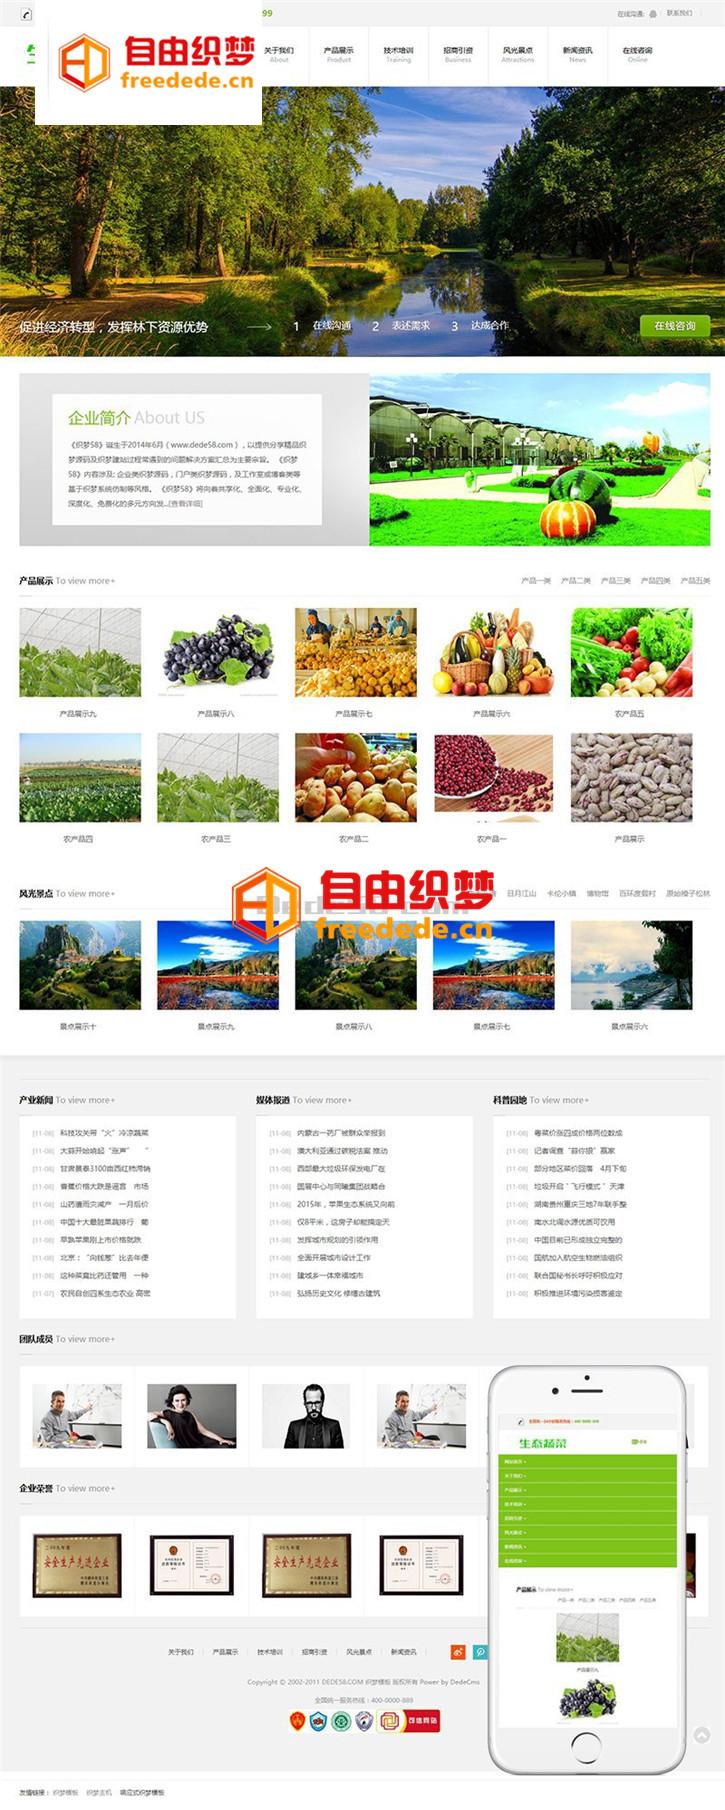 爱上源码网文章营销型响应式生态蔬菜类企业织梦模板(自适应手机端)整站源码下载的内容插图